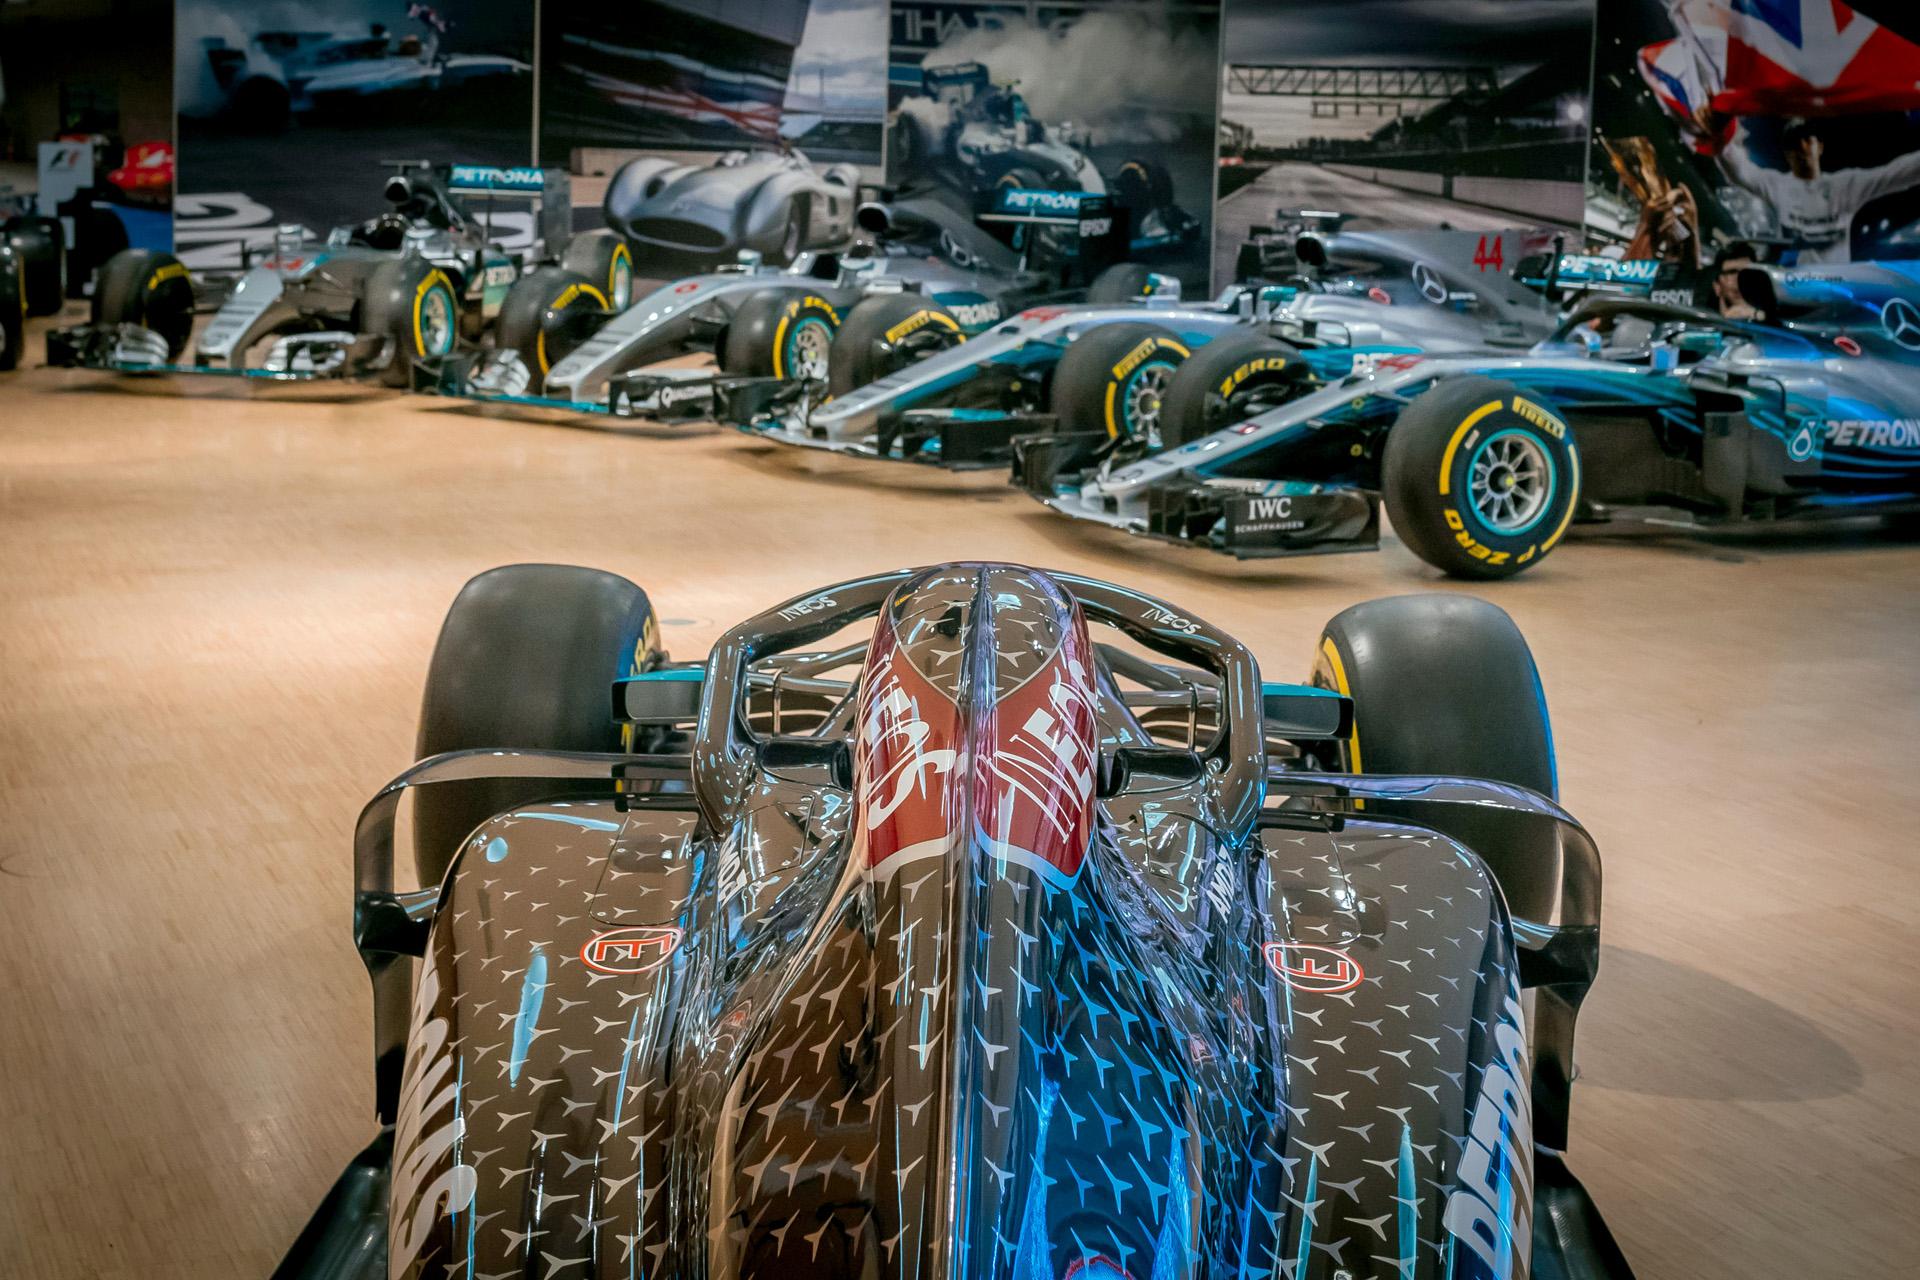 Mercedes-Benz Museum, Sonderpräsentation im Großen Saal auf der Eingangsebene mit allen Formel-1-Rennwagen des Mercedes-AMG Petronas Formula One Teams von 2014 bis 2020. Im Vordergrund der Mercedes-AMG F1 W11 EQ Performance aus dem Jahr 2020. Die Sonderpräsentation ist zu sehen vom 1. Juni bis 25. Juli 2021.